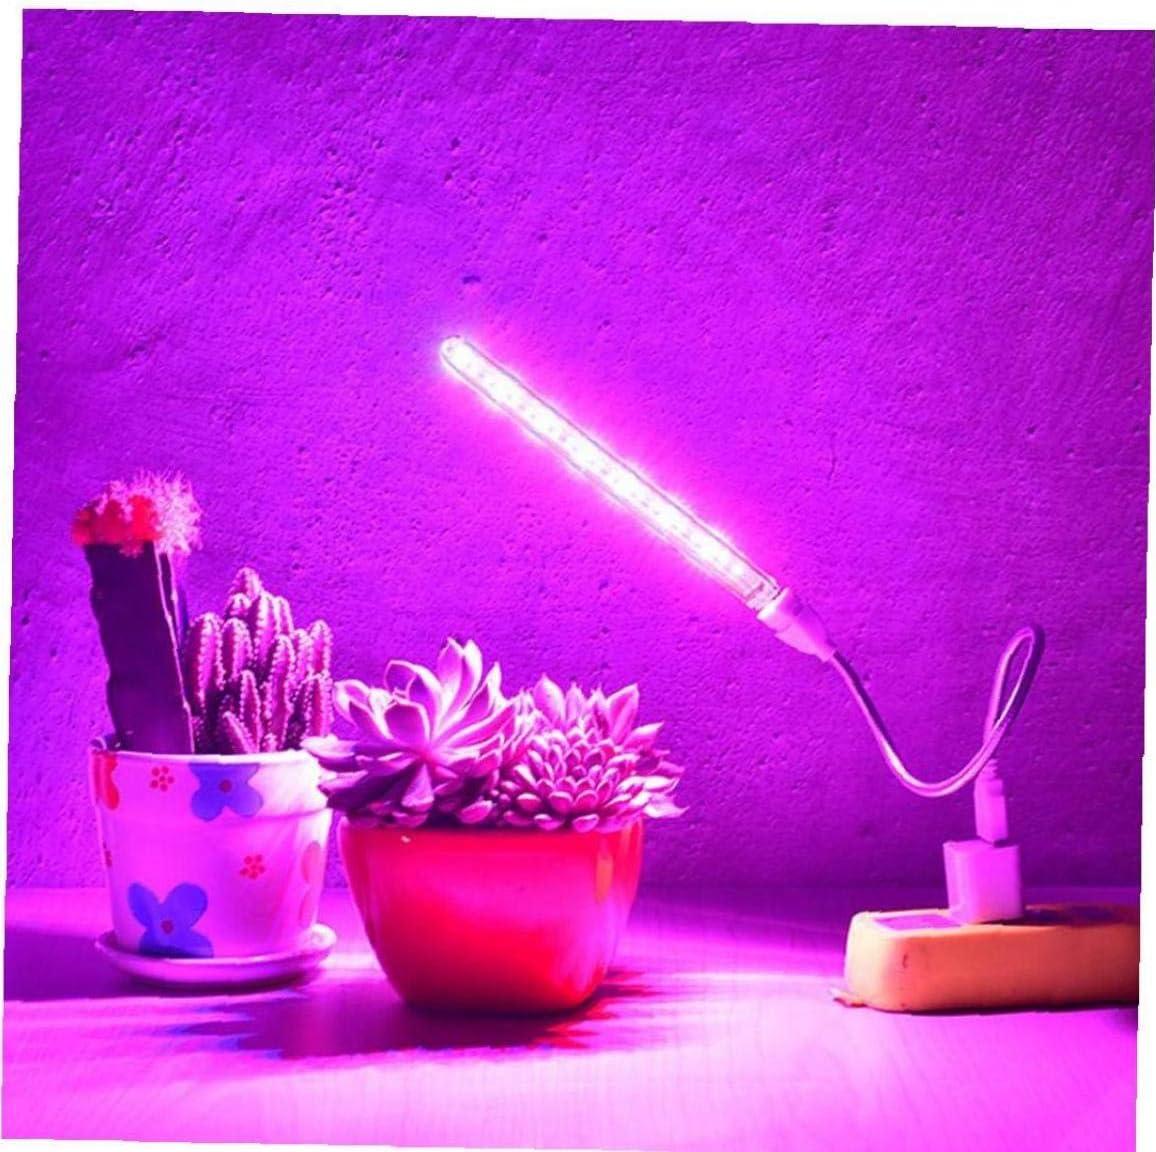 Planta Barra de luz Led Grow l/ámpara 10wled Fuente de alimentaci/ón USB Invernadero port/átil de Navidad para Las Plantas de Interior 2pcs Suministros de jardiner/ía